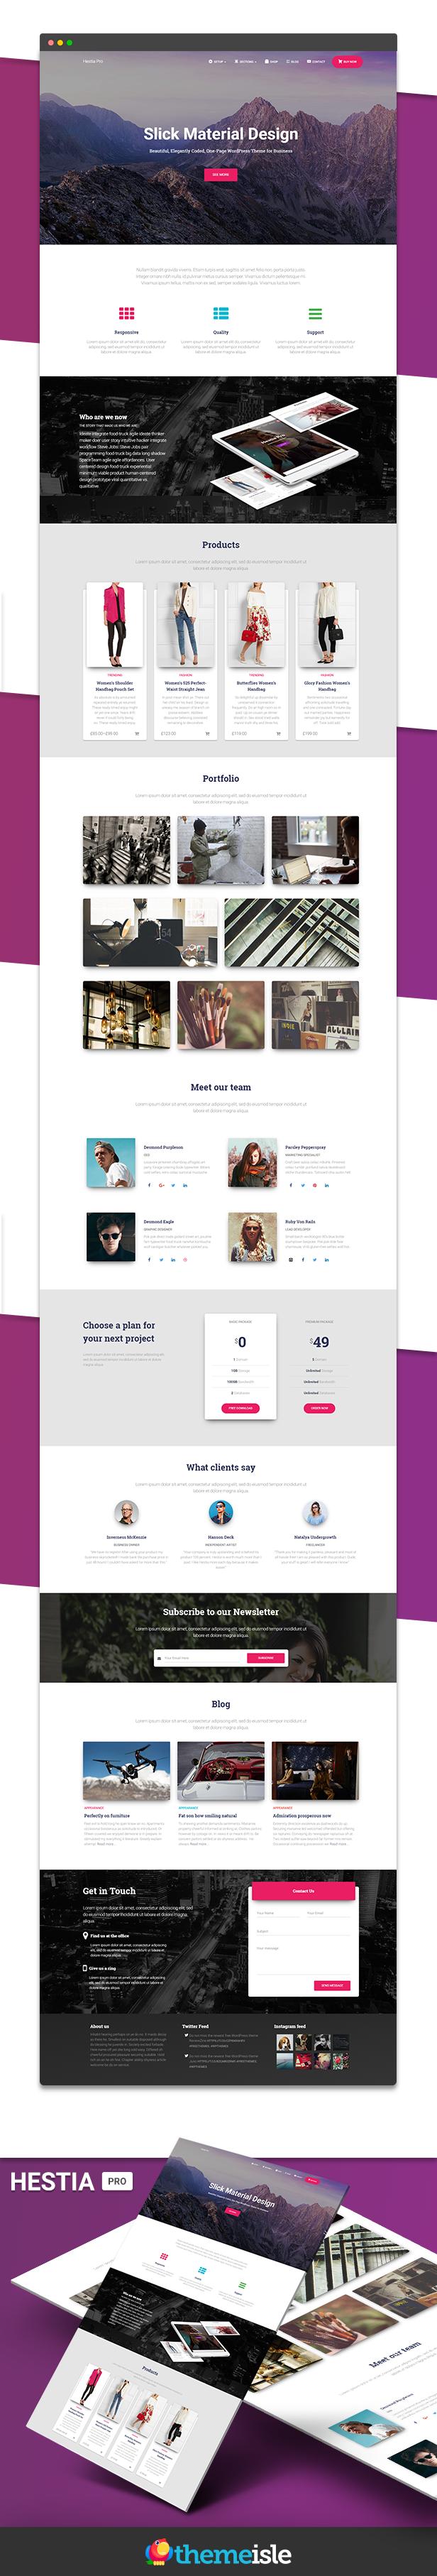 Hestia Pro - Sharp Material Design Theme For Startups - 8